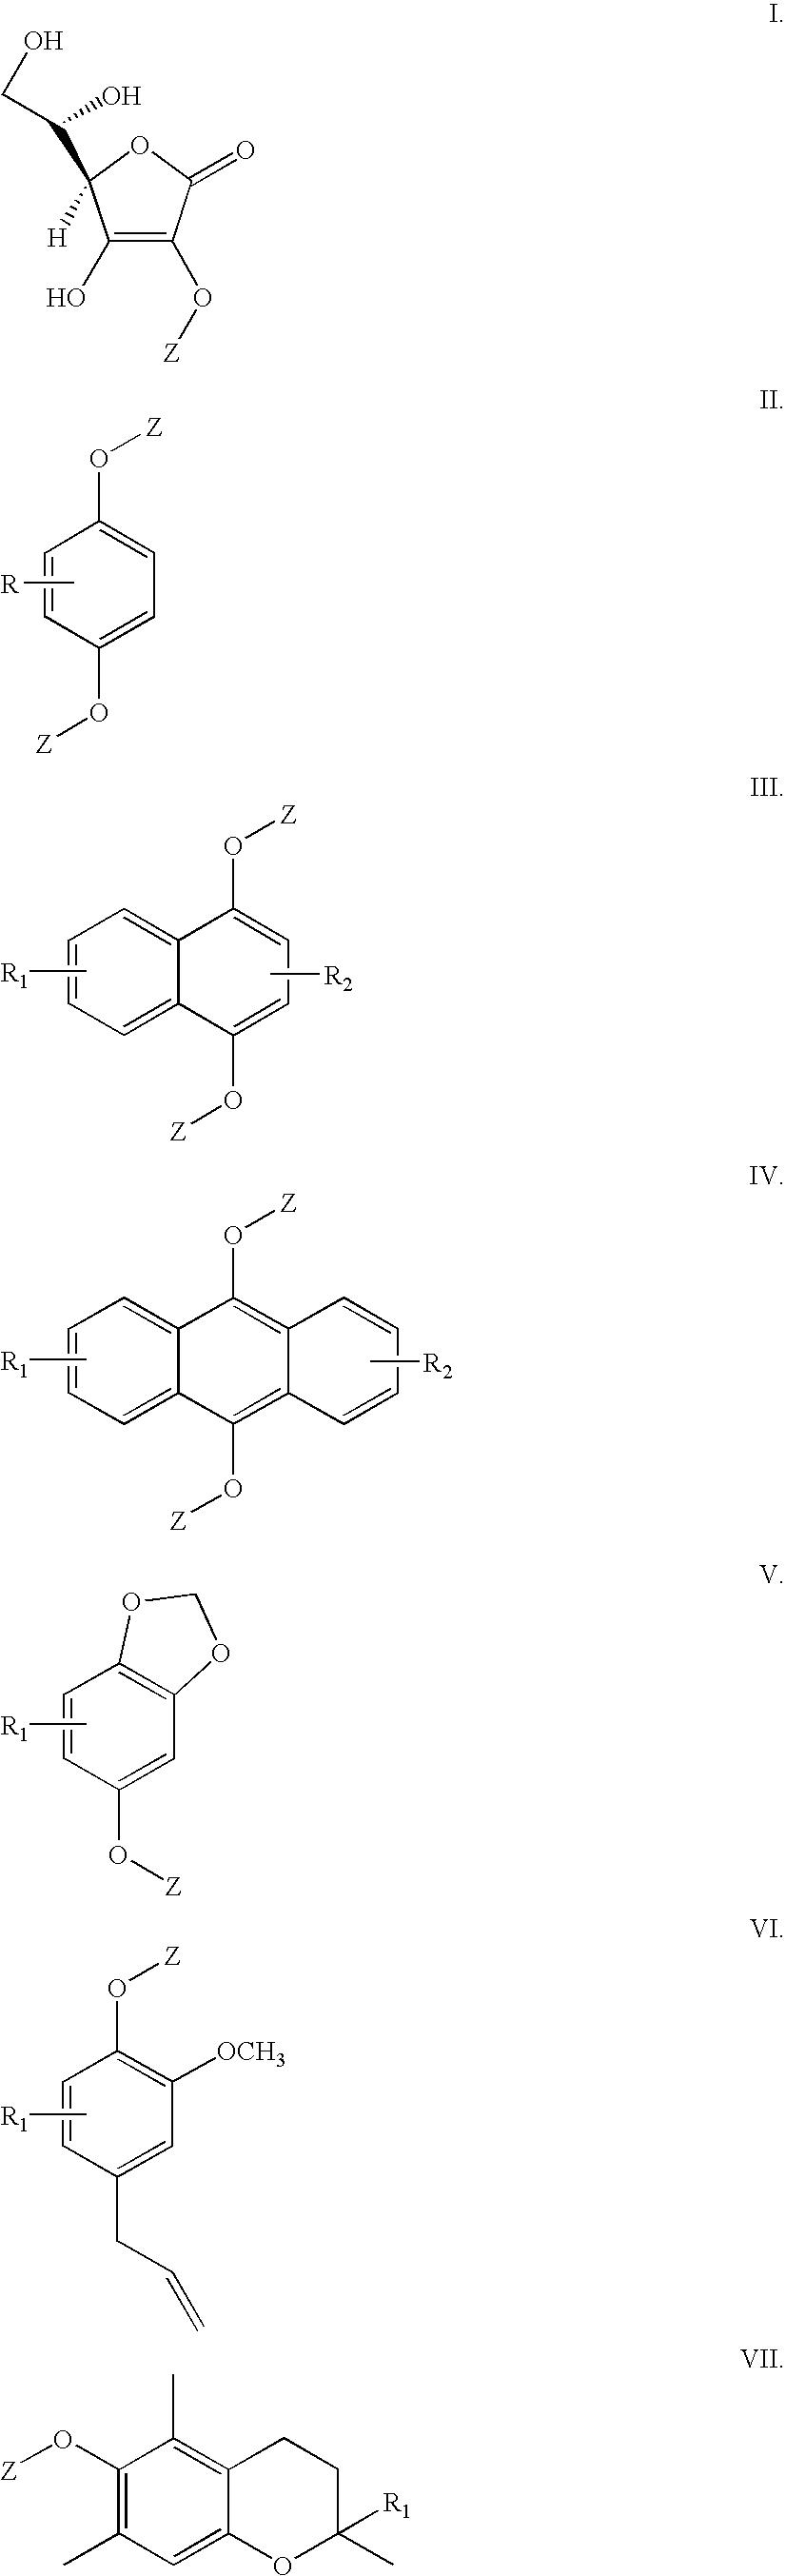 Figure US20050100976A1-20050512-C00005